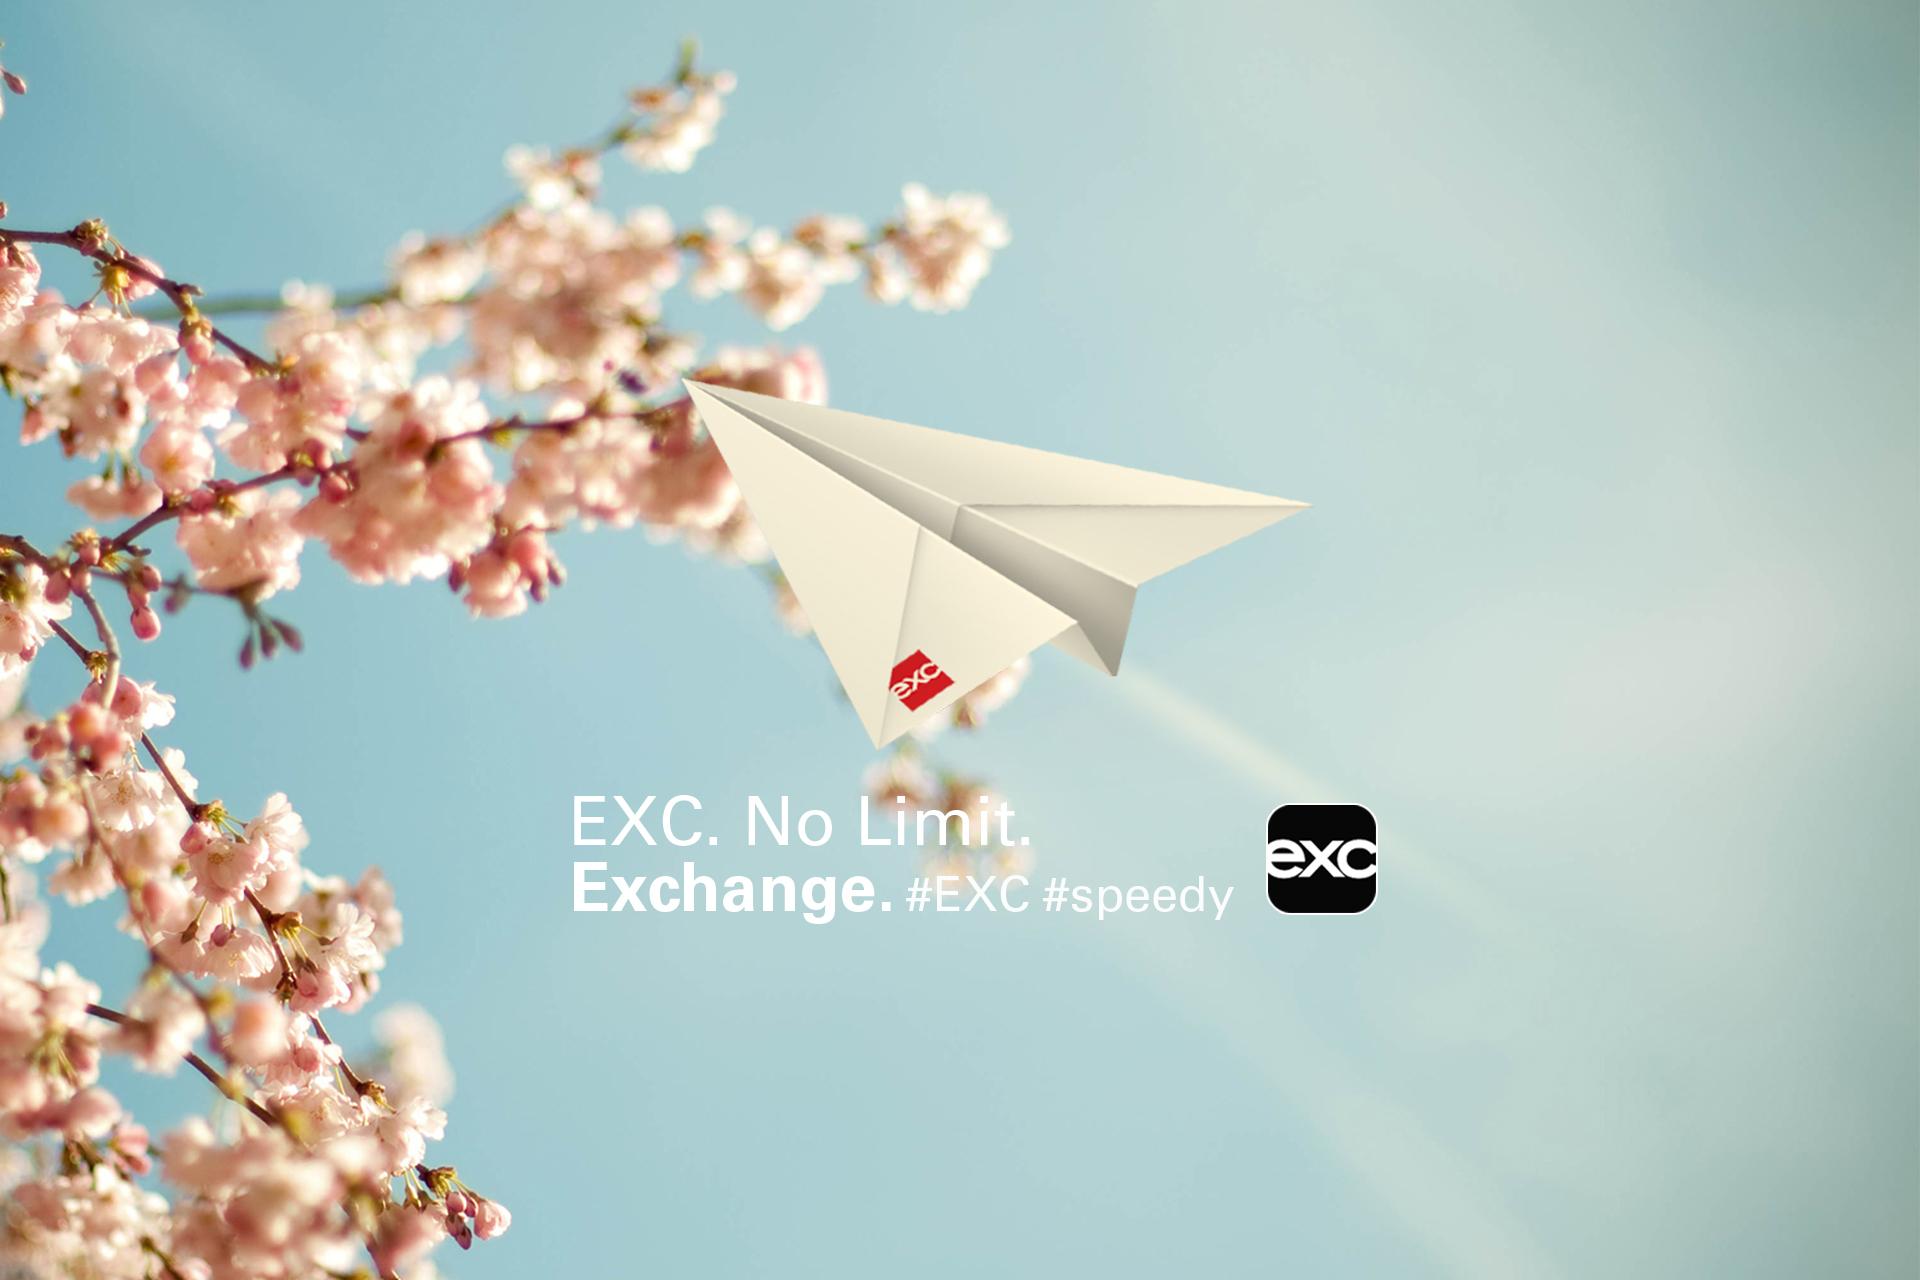 EXC. No Limit. #Speedy #PaperPlane #Spring